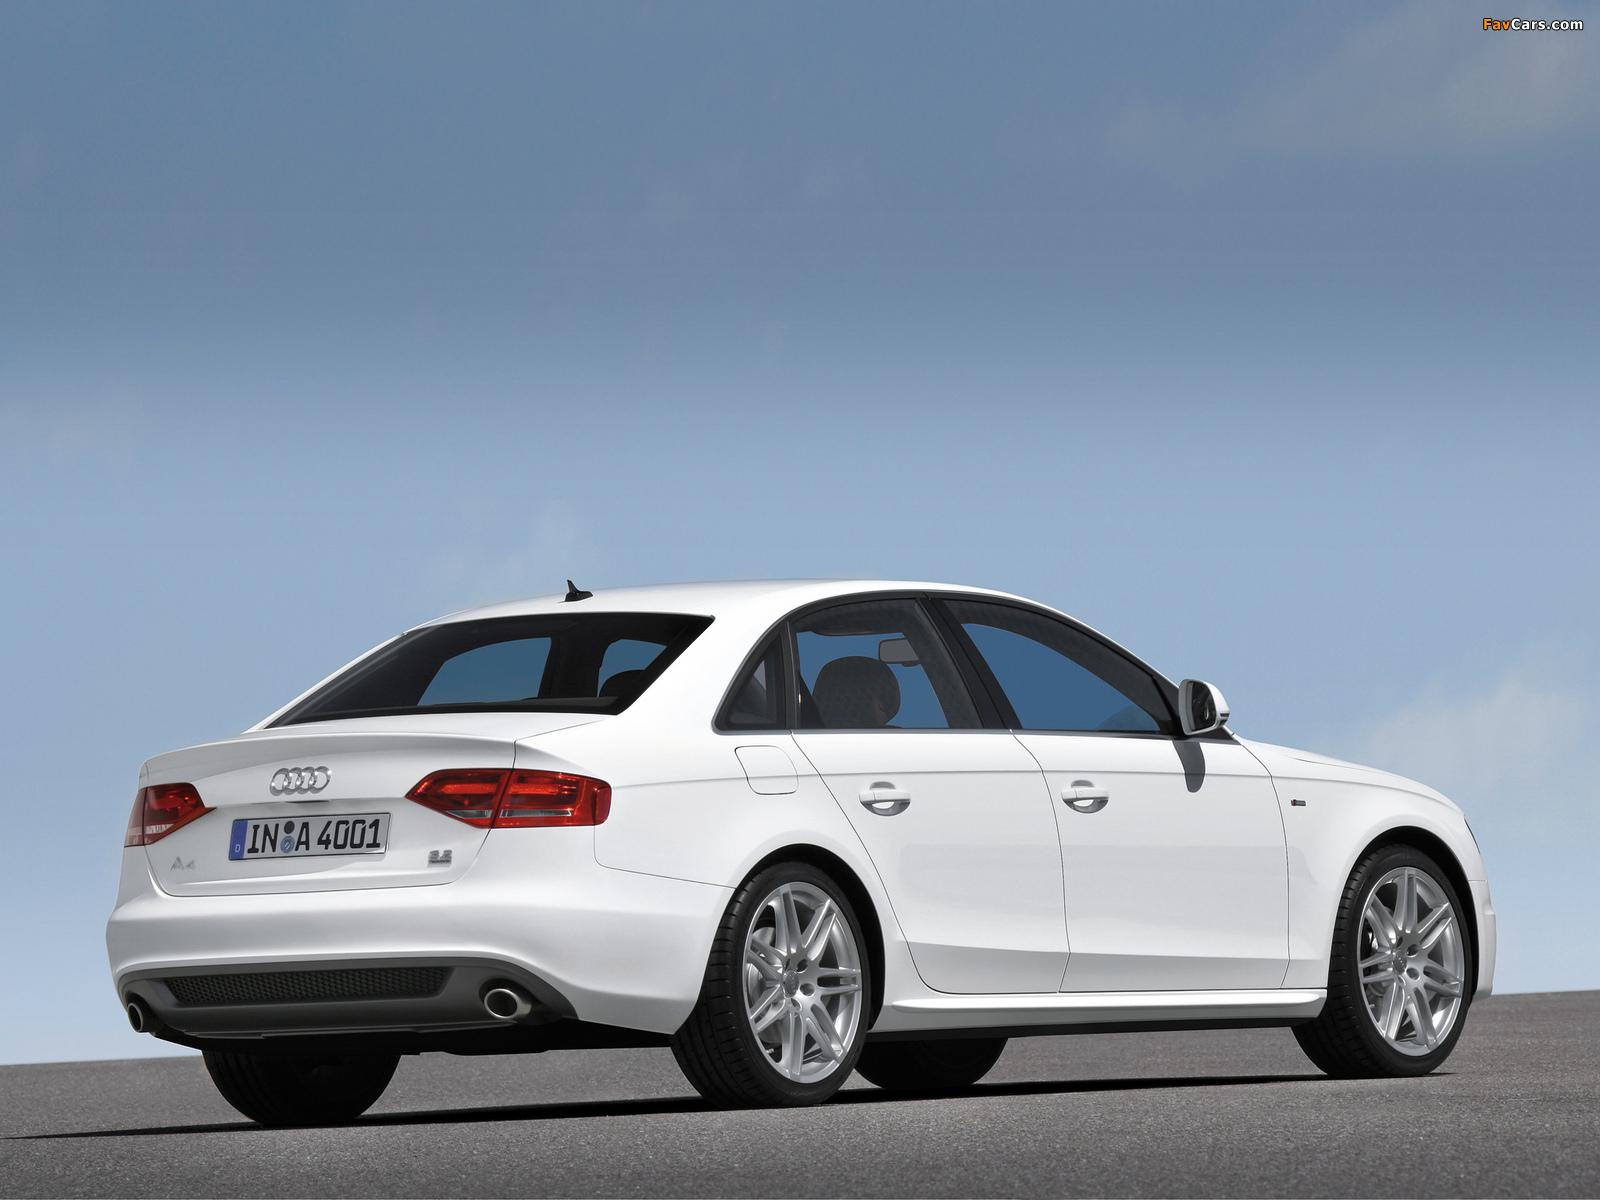 Kekurangan Audi A4 3.2 Fsi Review